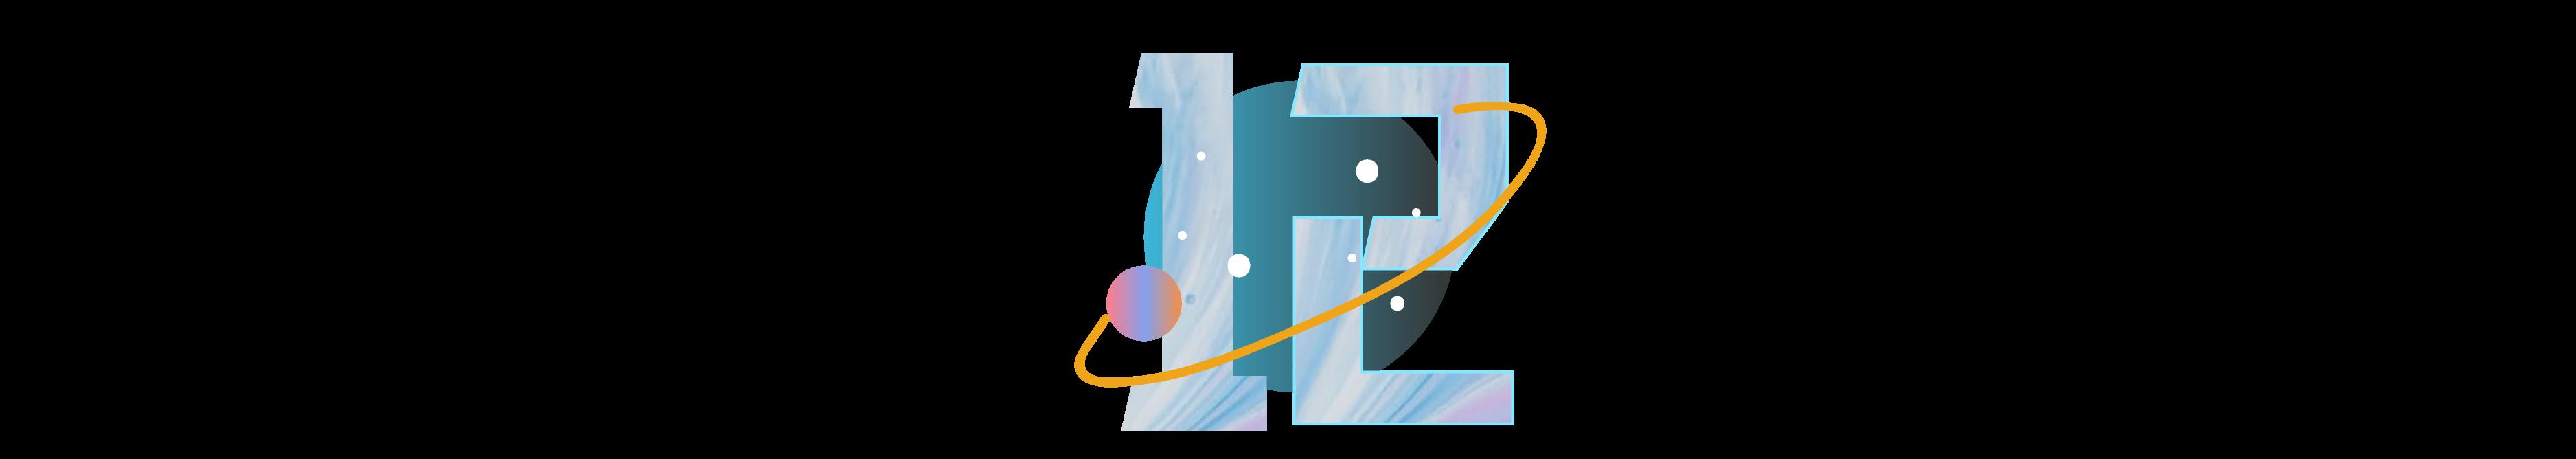 2021年6月十二星座塔罗运势,2021年运势最好的星座  第25张